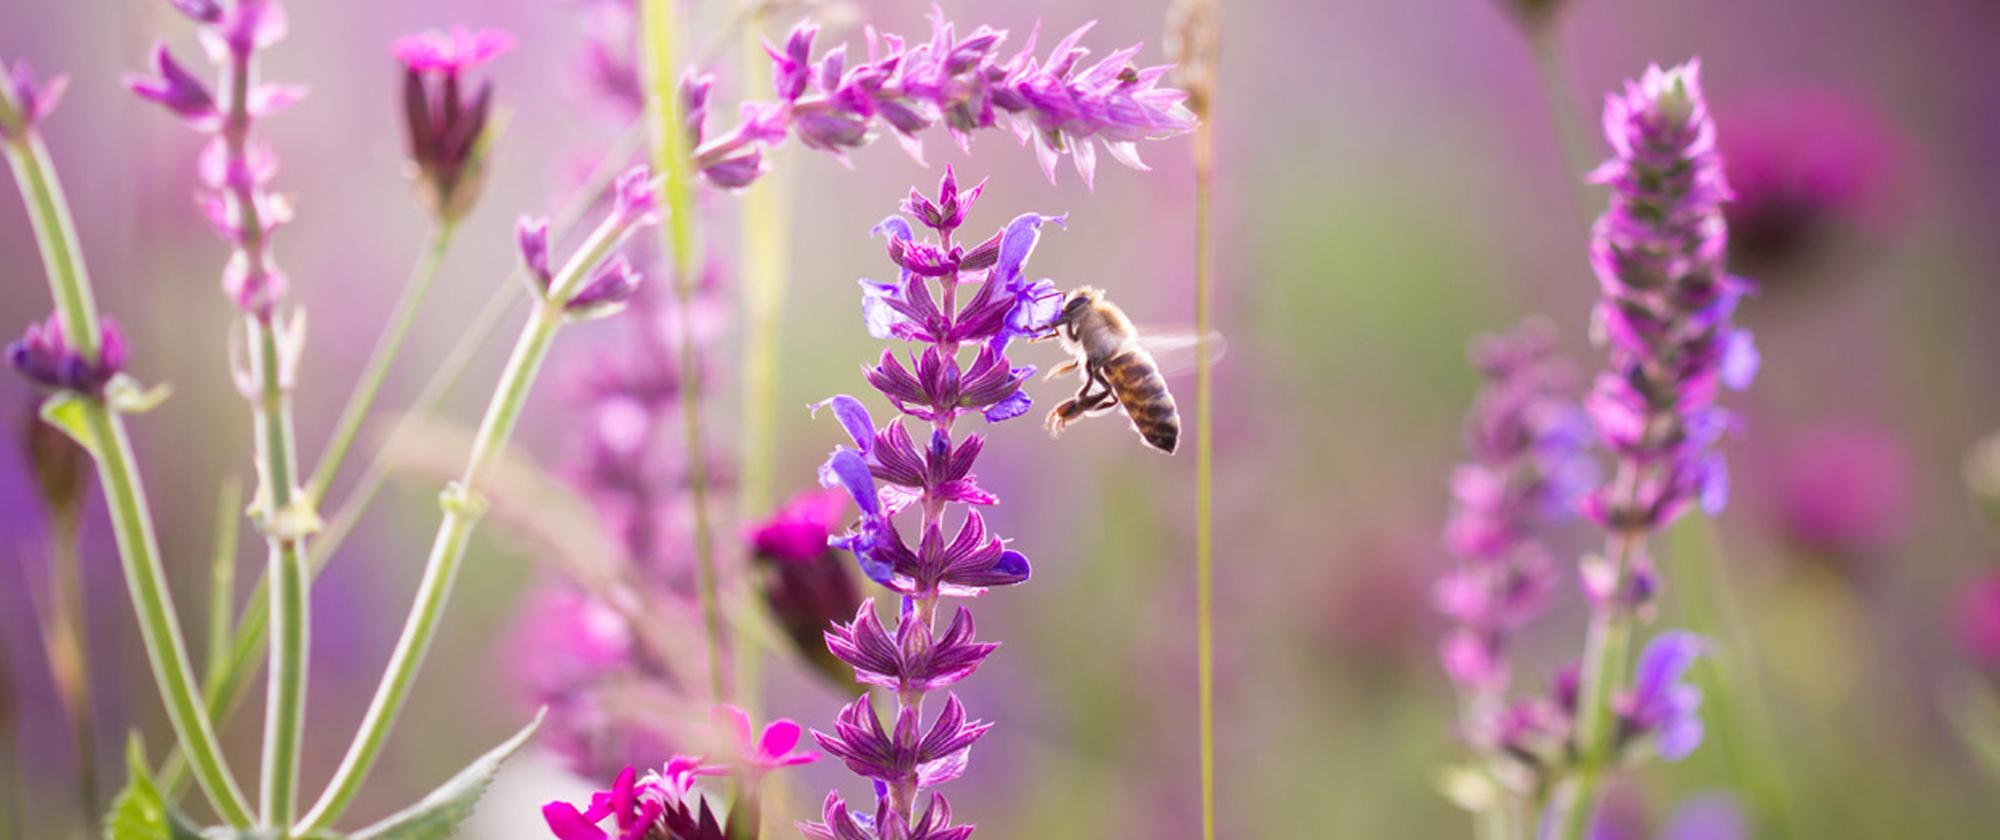 public://itr_longread/aan-de-slag-voor-bijen_besturen_5_groter.jpg